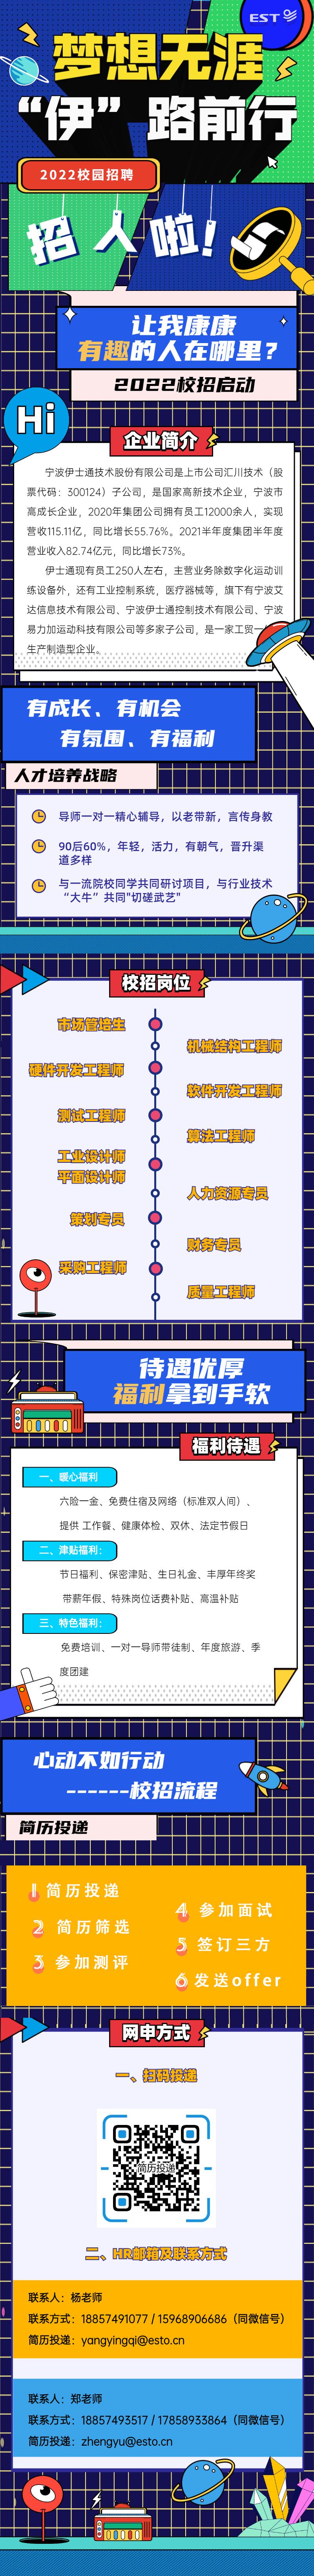 2022校招宣传.png